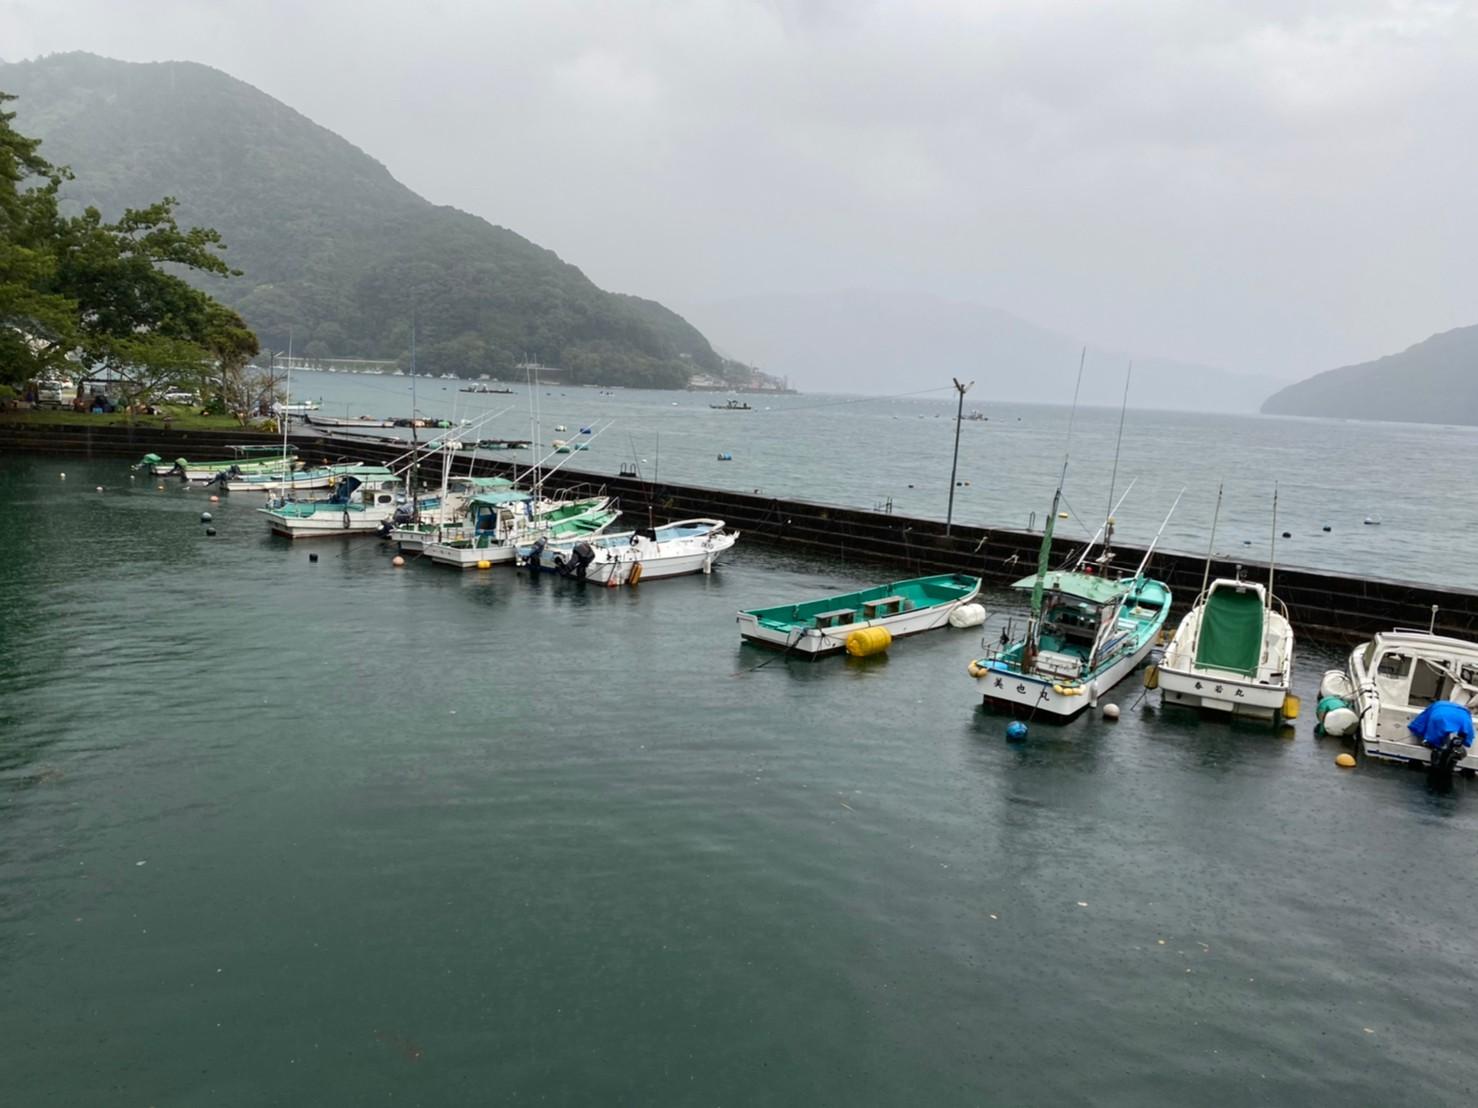 【三重県尾鷲市】『賀田湾・賀田漁港』の海釣りガイド(釣れる魚・駐車場・トイレ)